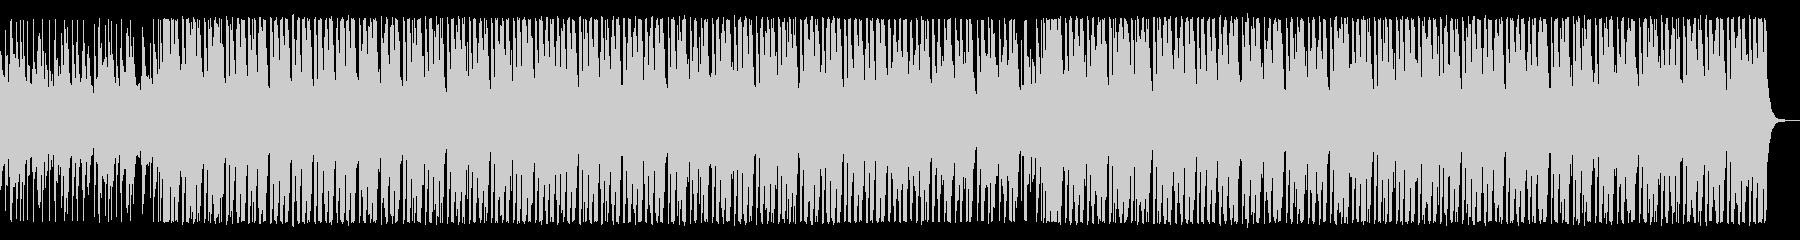 木琴とウクレレの軽快なアコースティックの未再生の波形